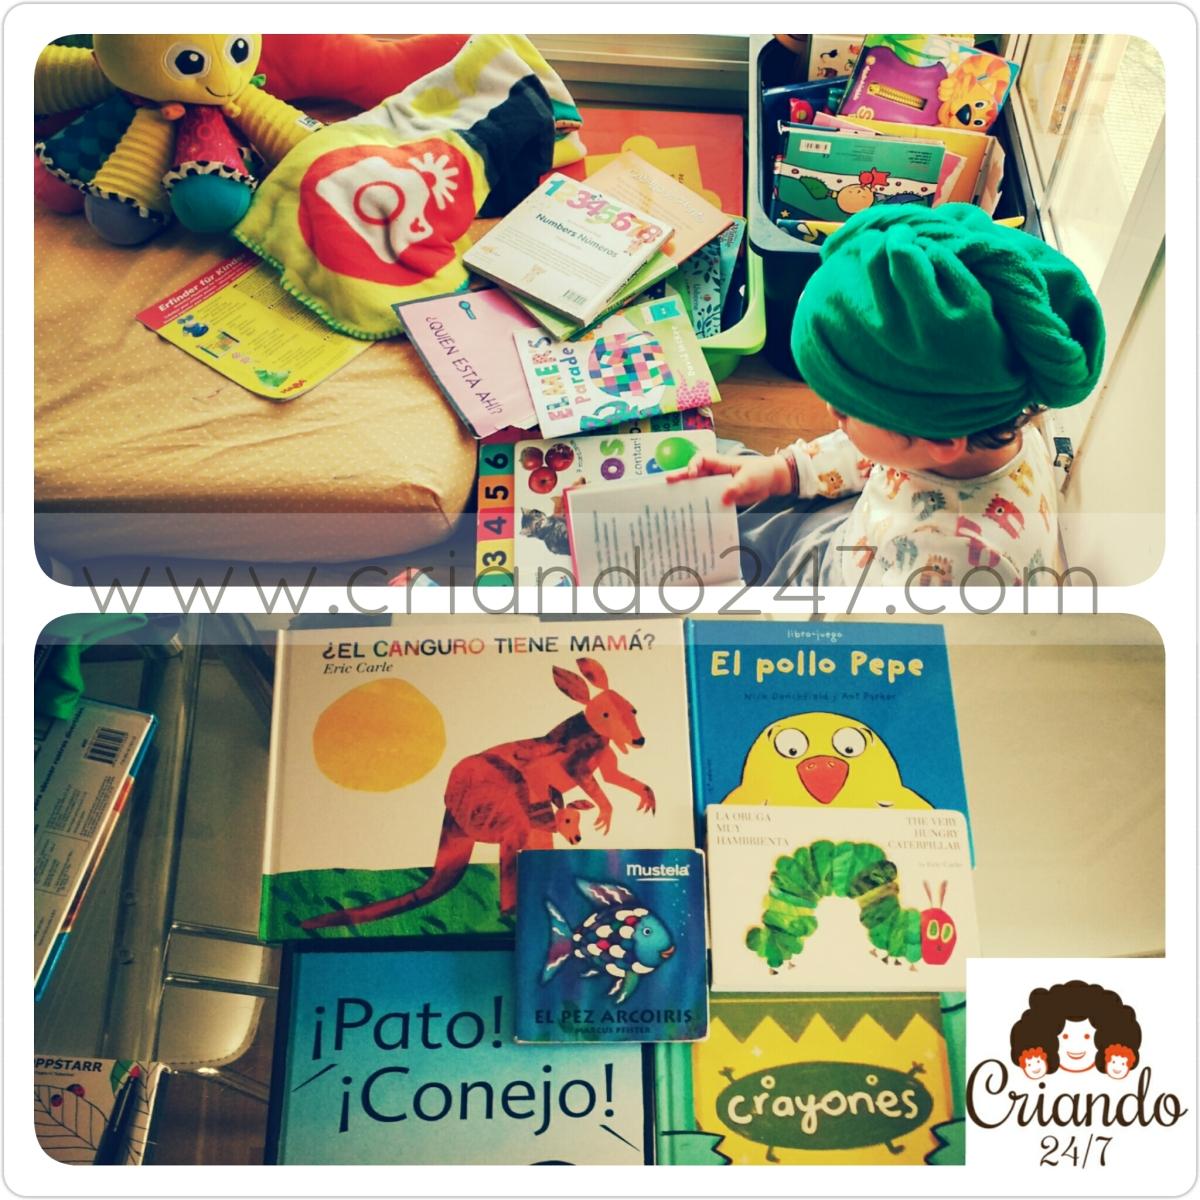 #HoyLeemos Los cuentos preferidos de mis hijos de 2 y 4 años